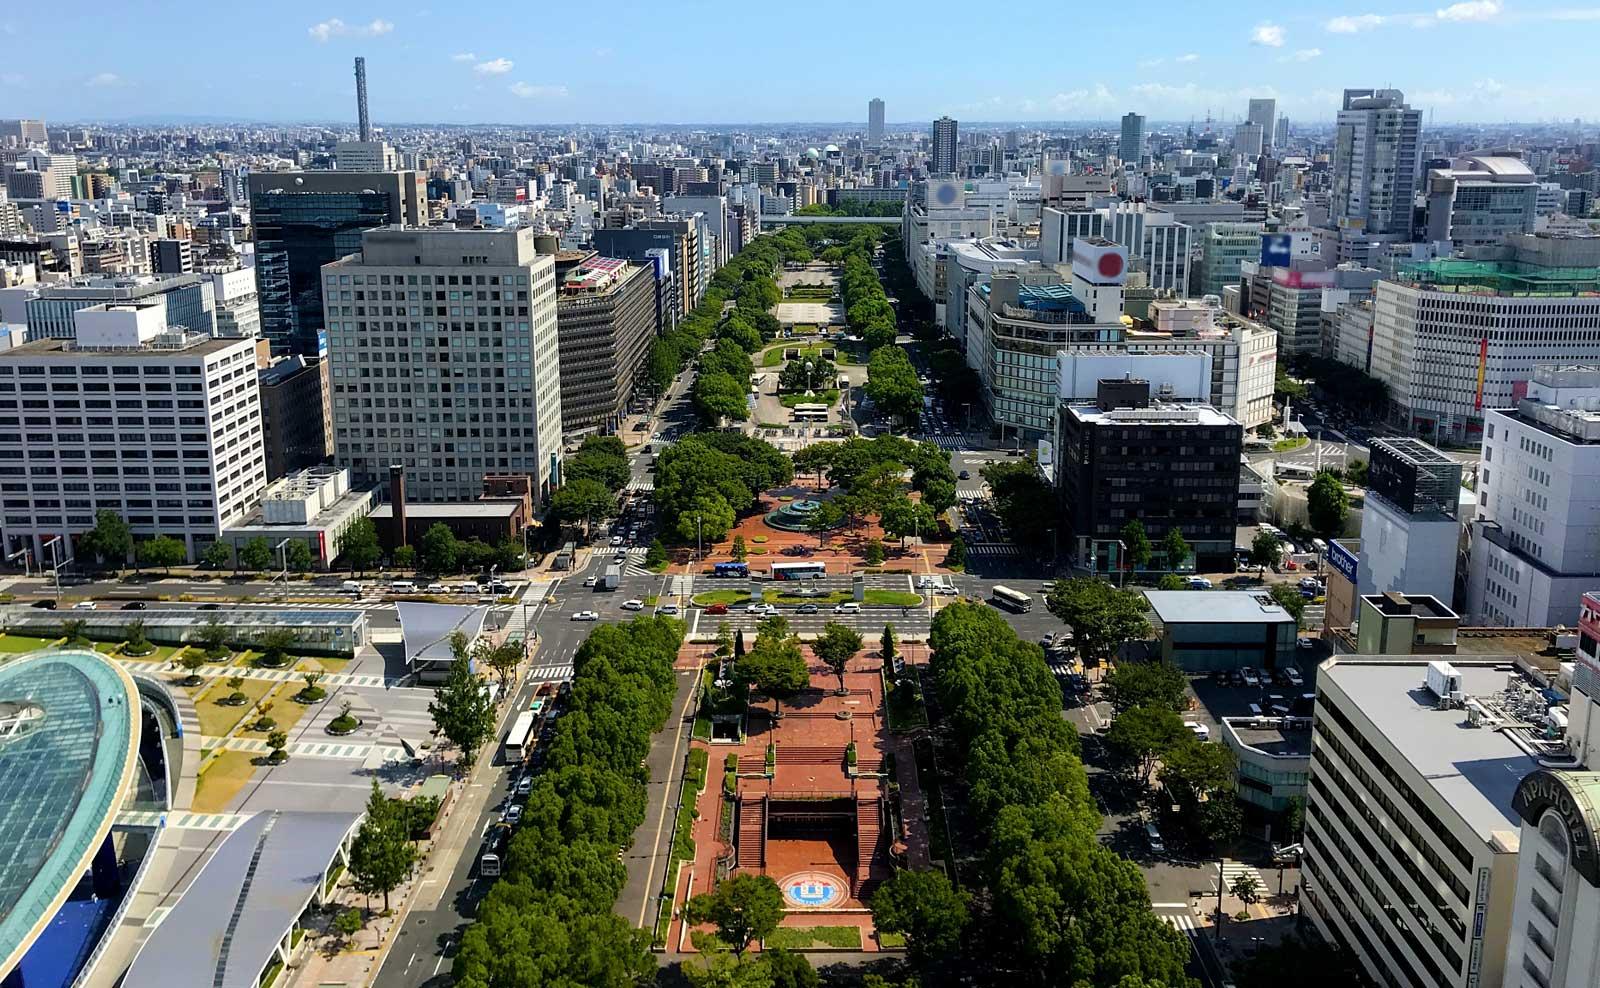 【募集情報】名古屋市営住宅の一般募集について(2020年度 第2回)